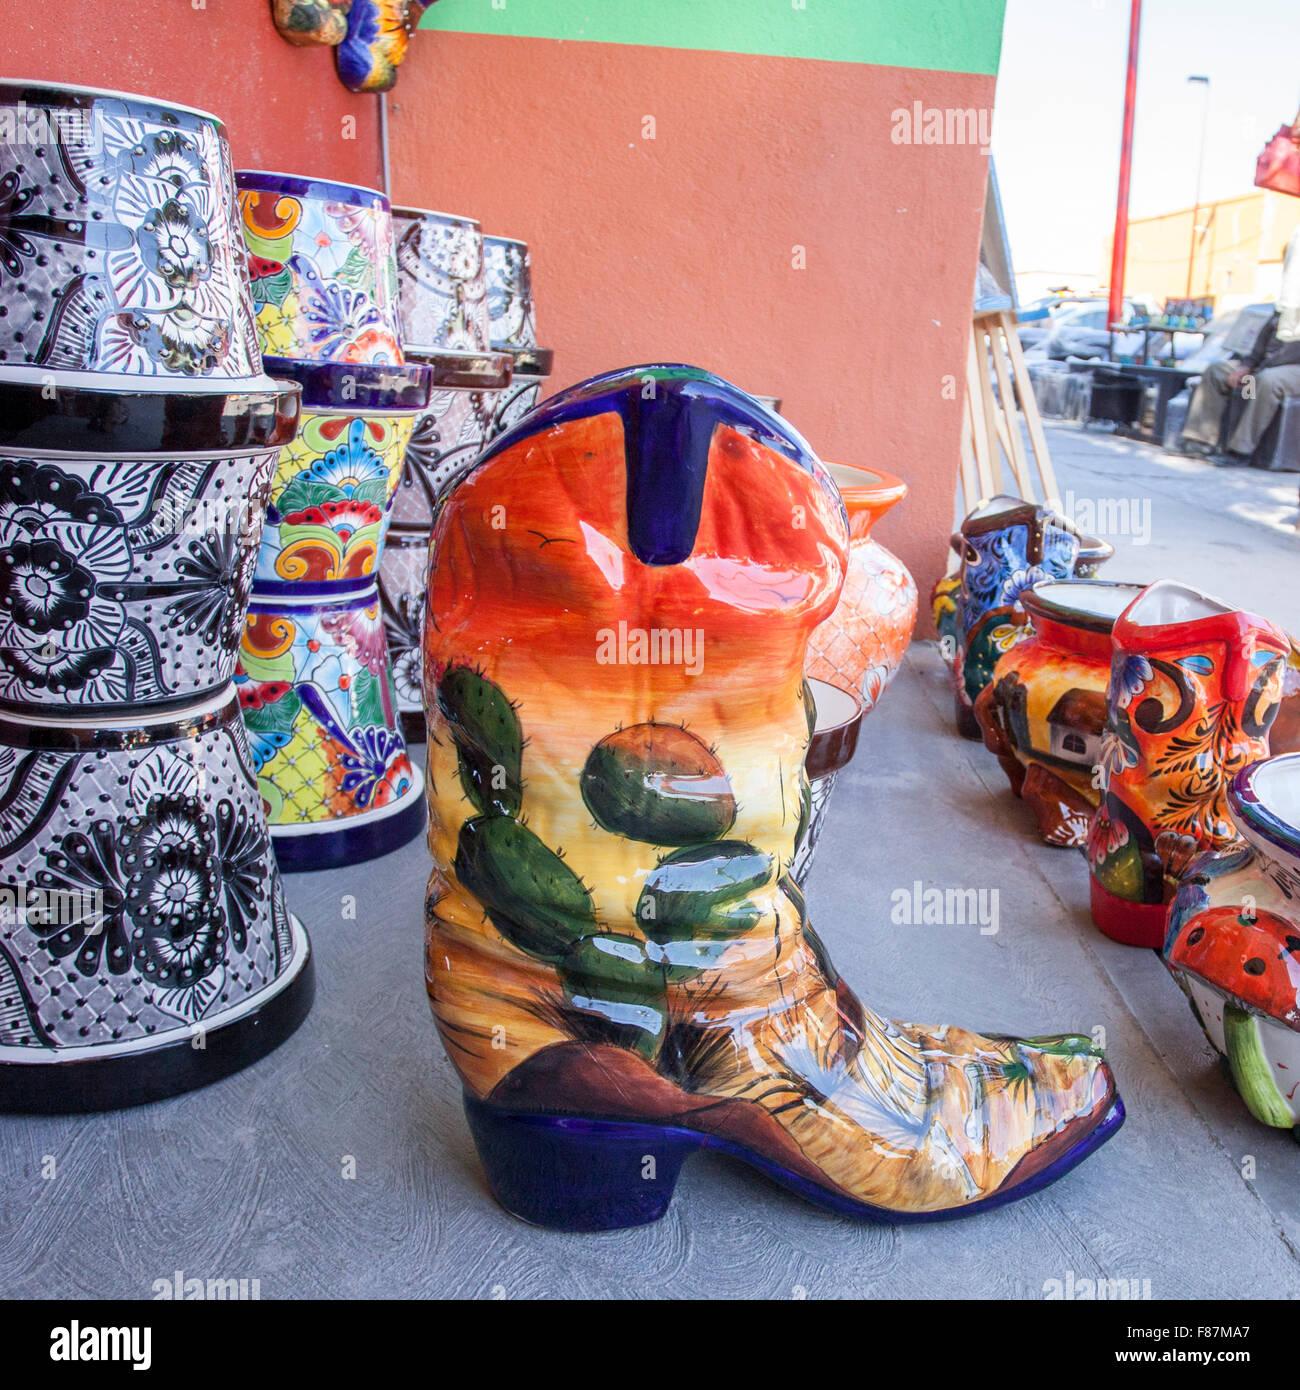 Mexiko Decke: Mexican Boots Stockfotos & Mexican Boots Bilder